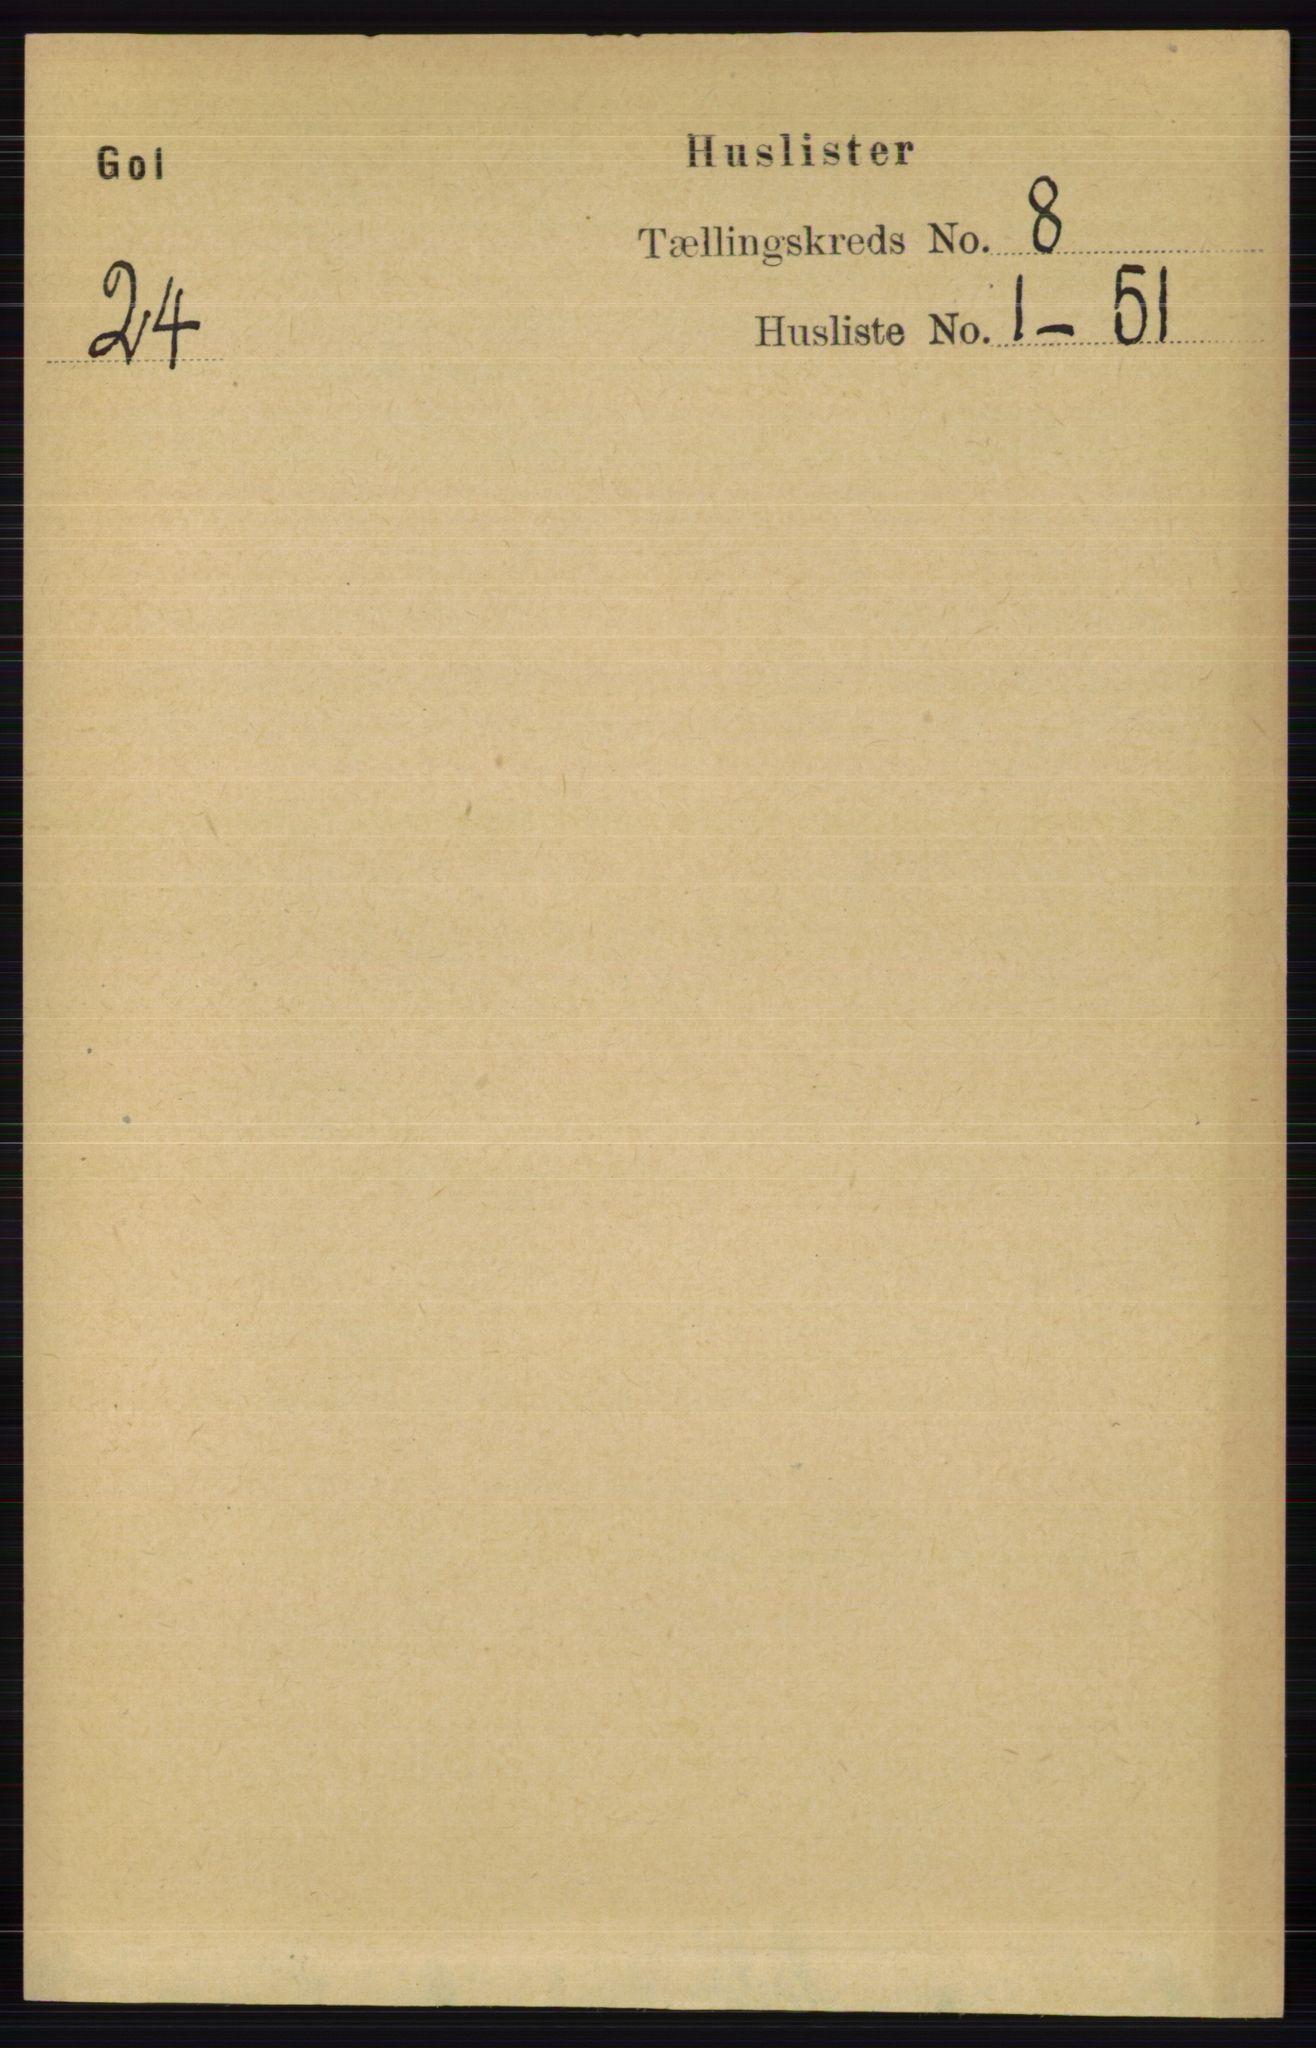 RA, Folketelling 1891 for 0617 Gol og Hemsedal herred, 1891, s. 2981